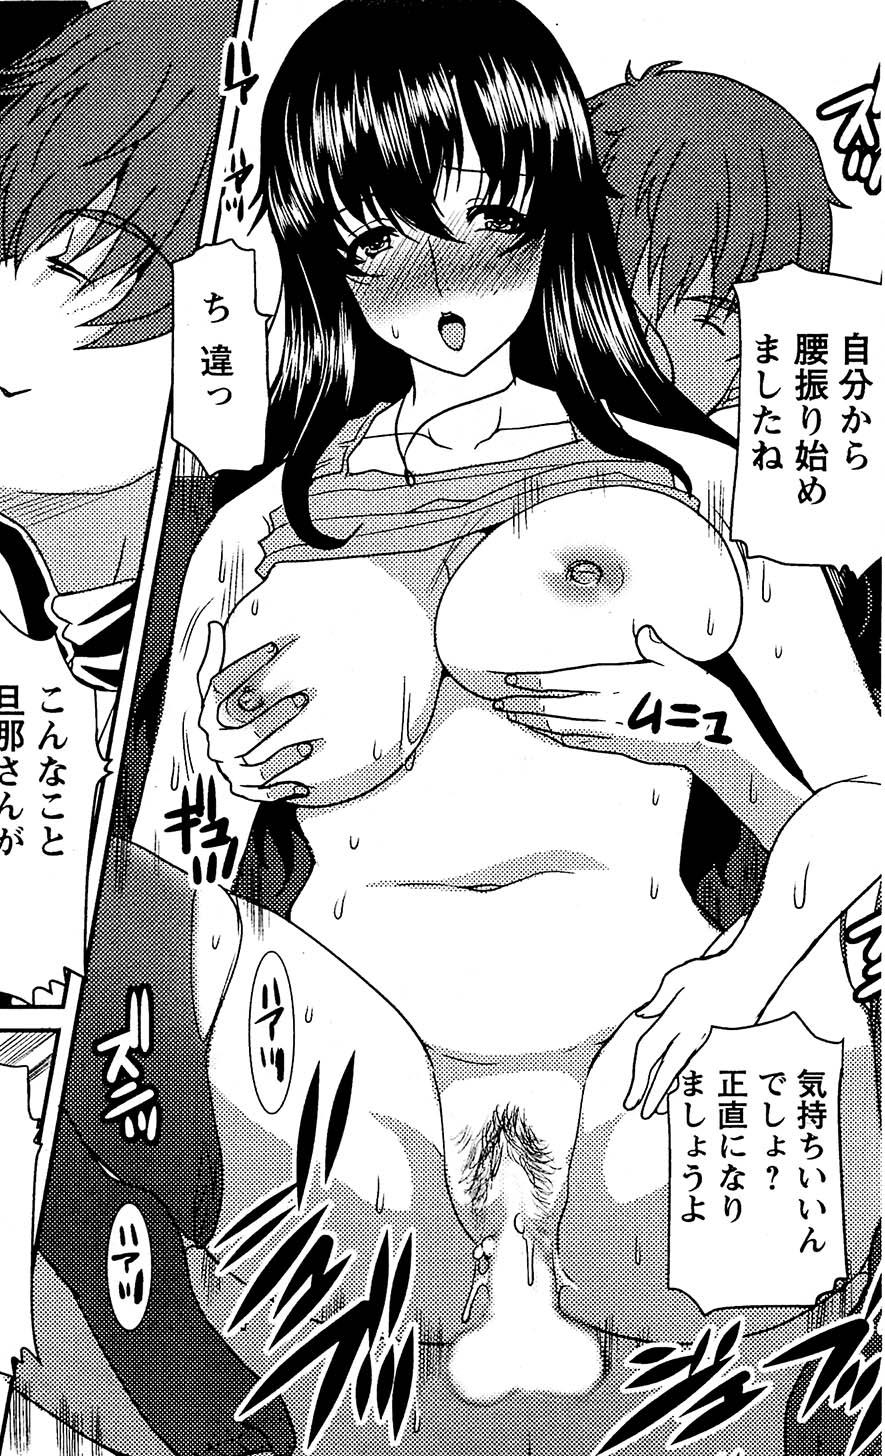 tonaoku0110